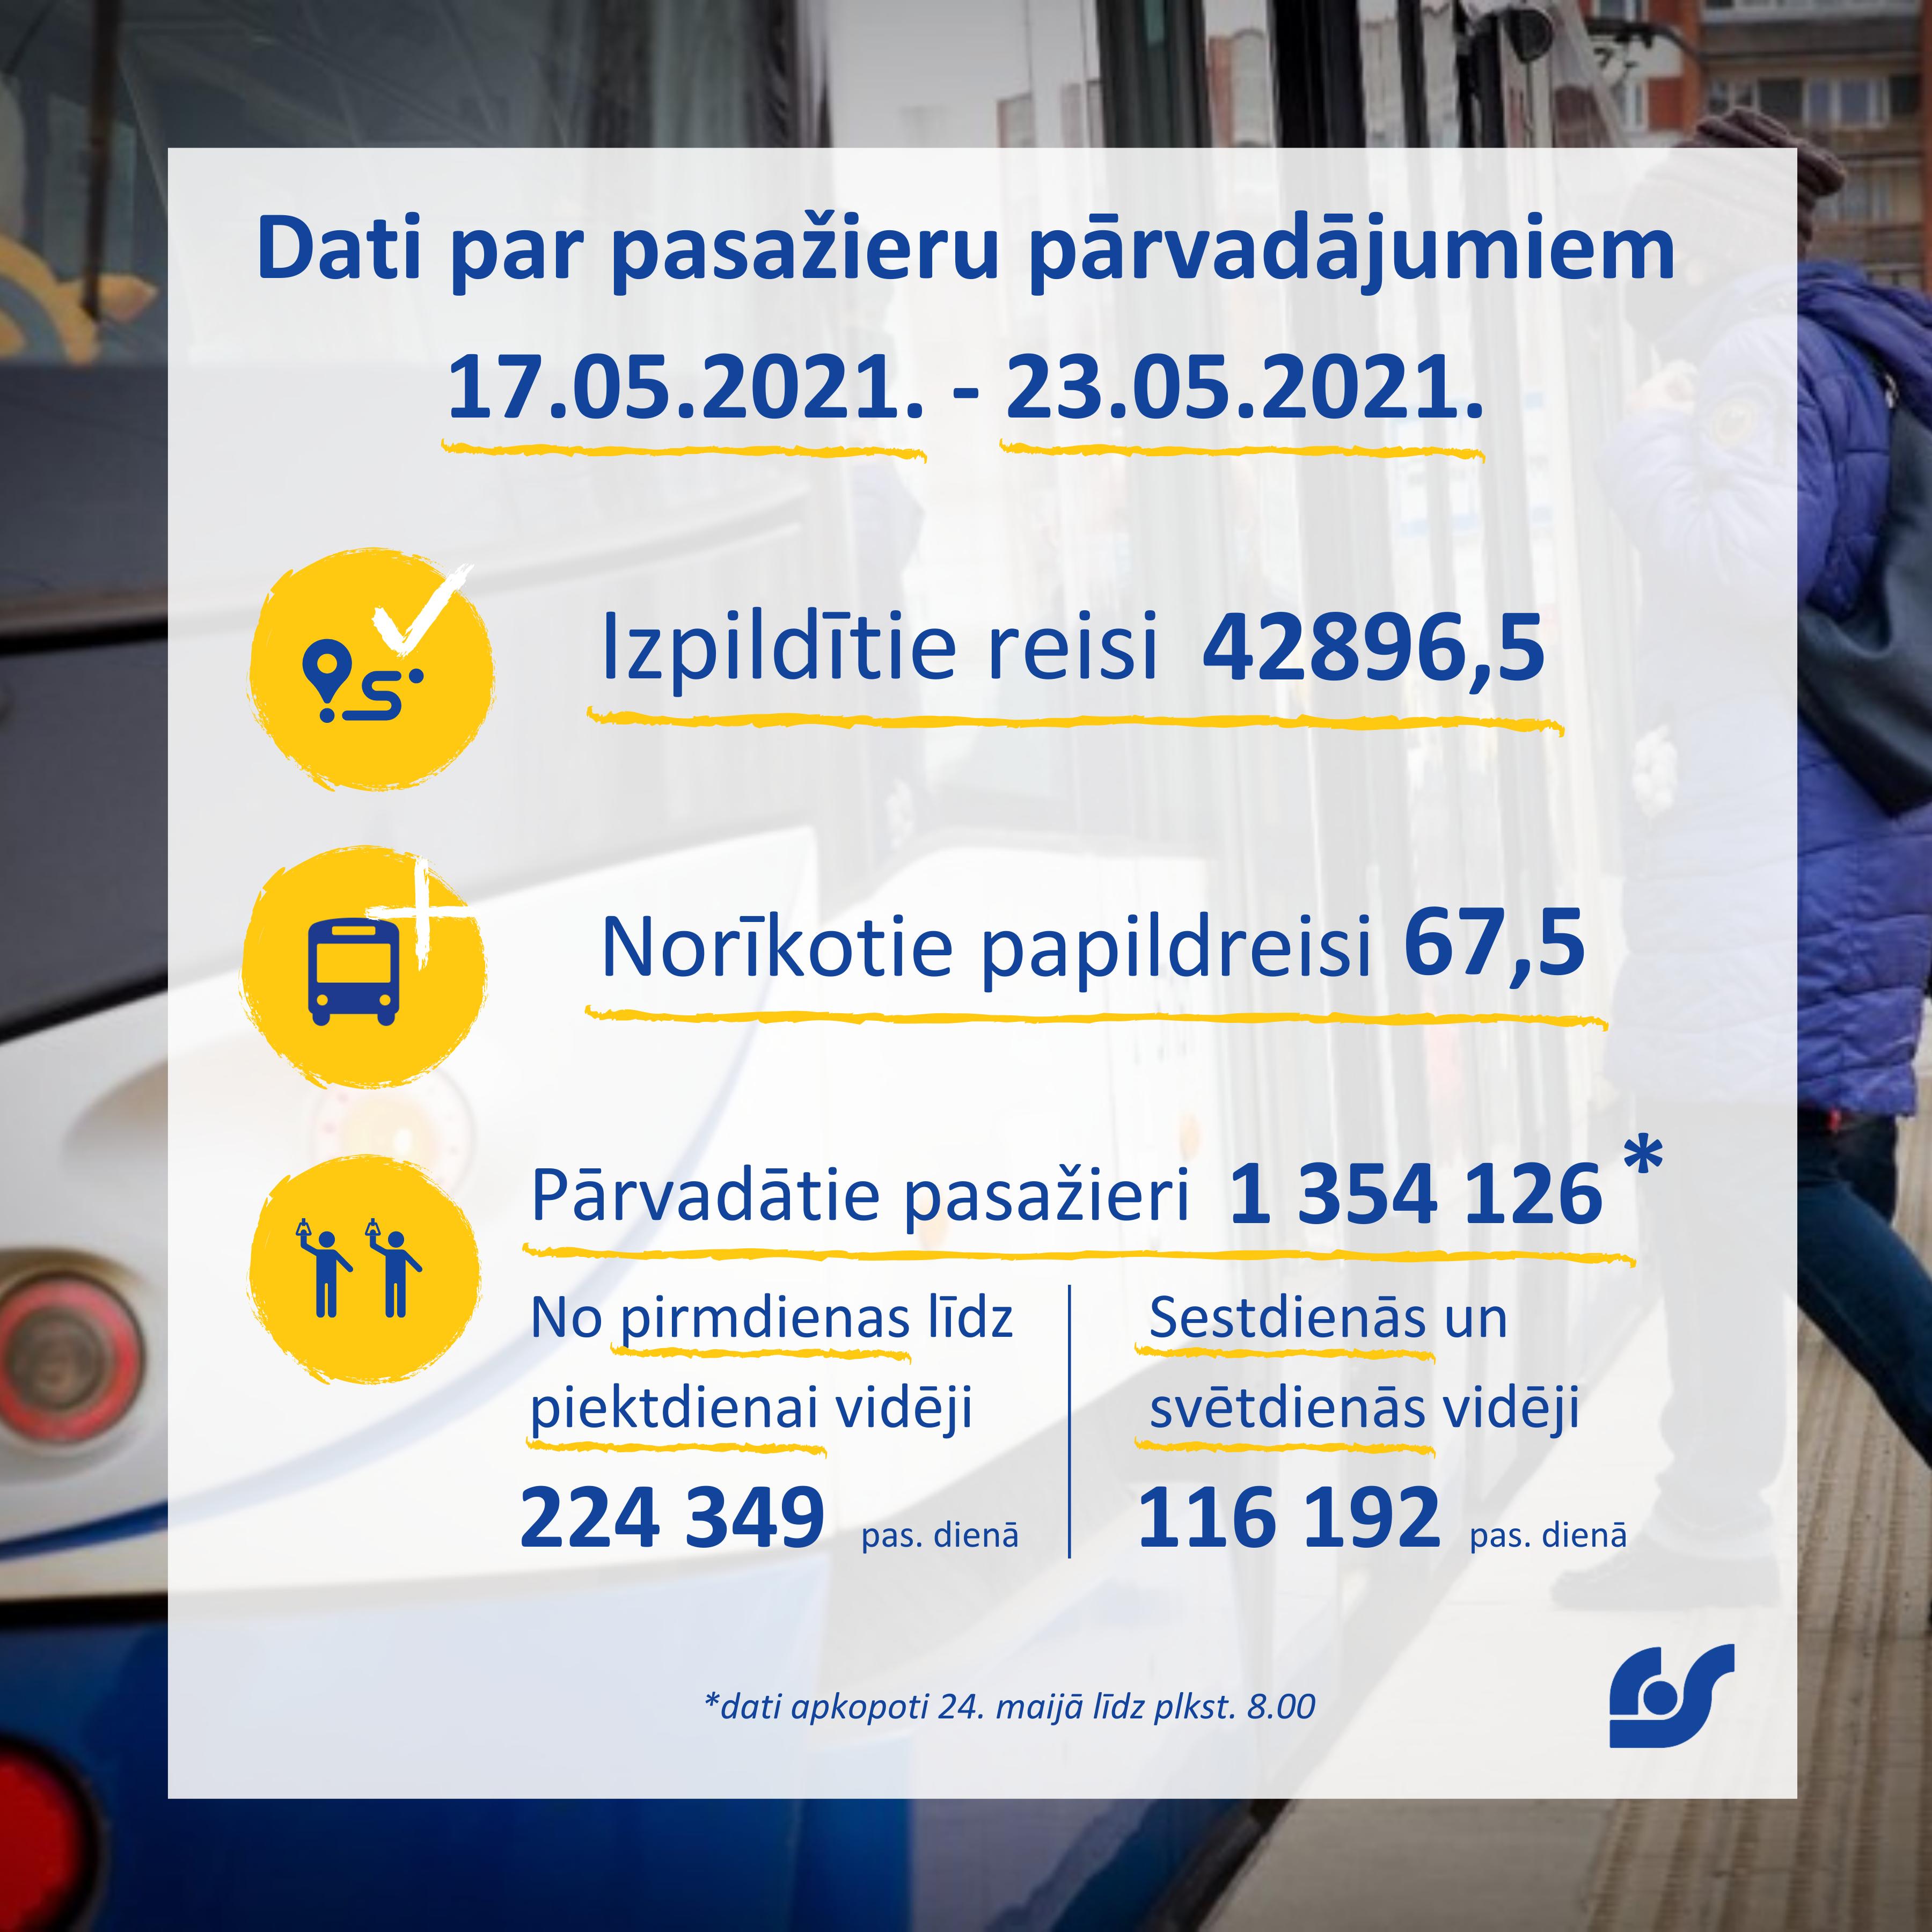 Dati par pasažieru pārvadājumiem (3).png